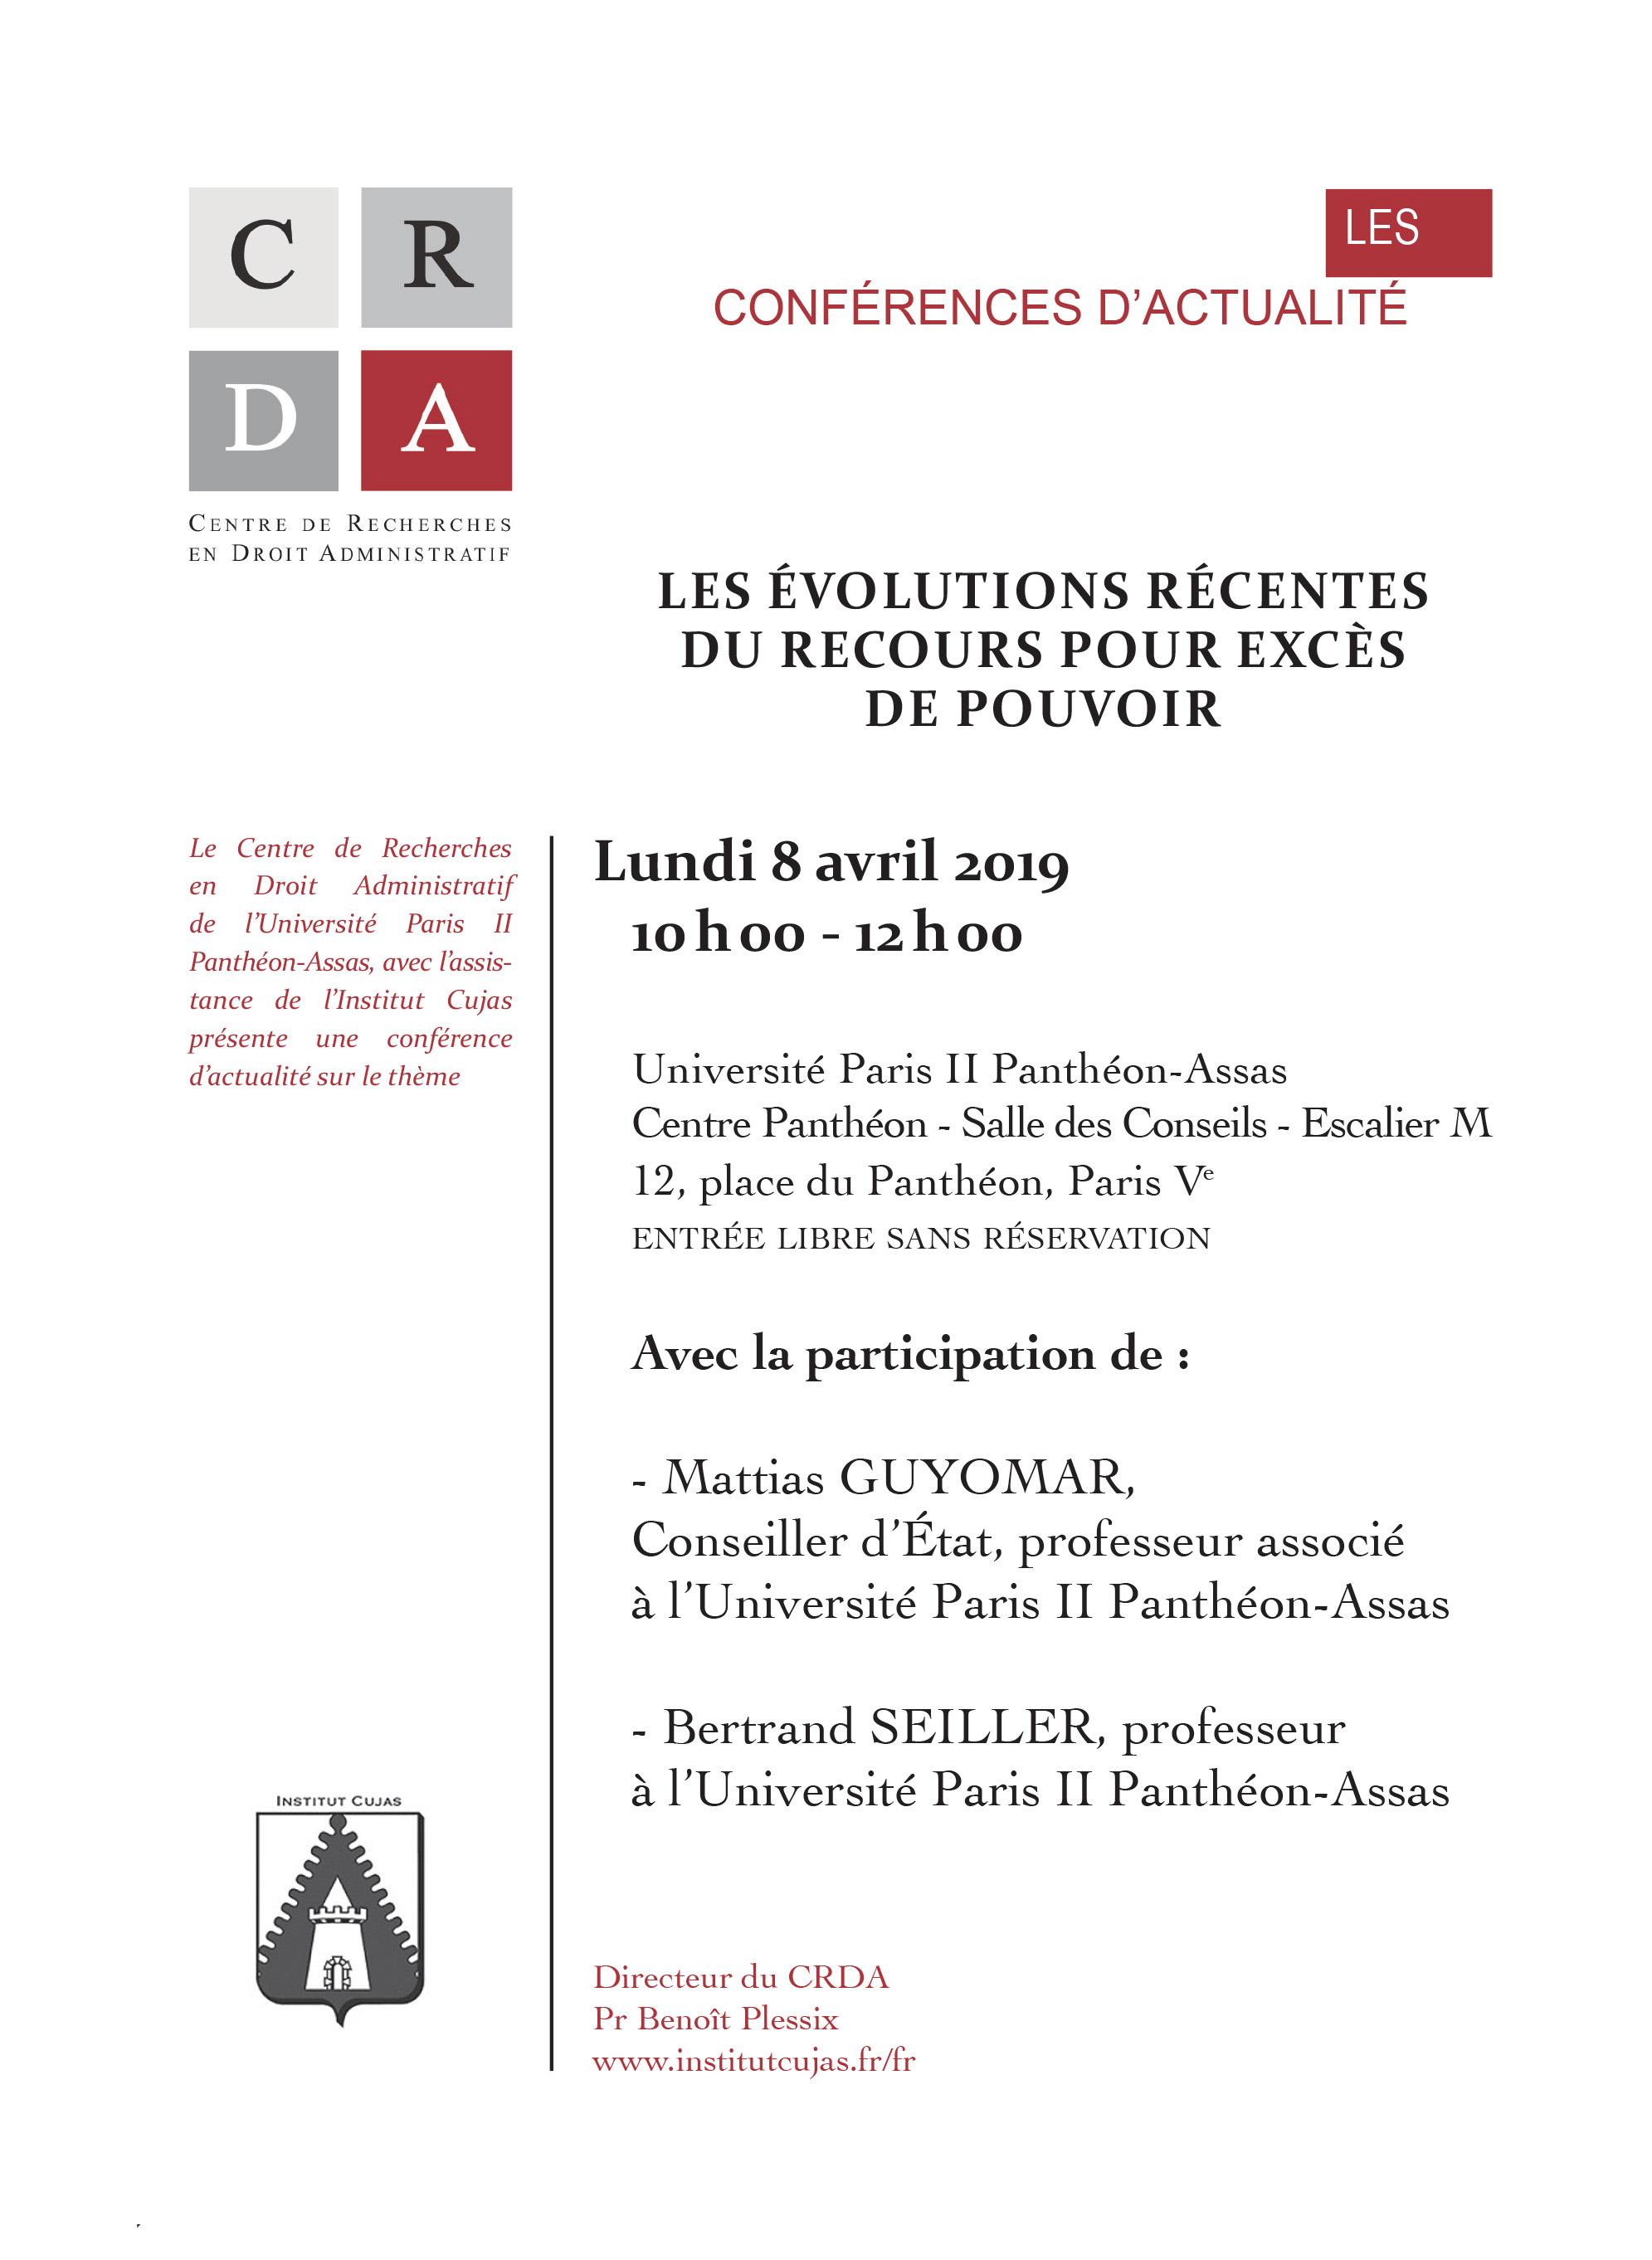 Flyer conférence d'actualité du 8 avril 2019